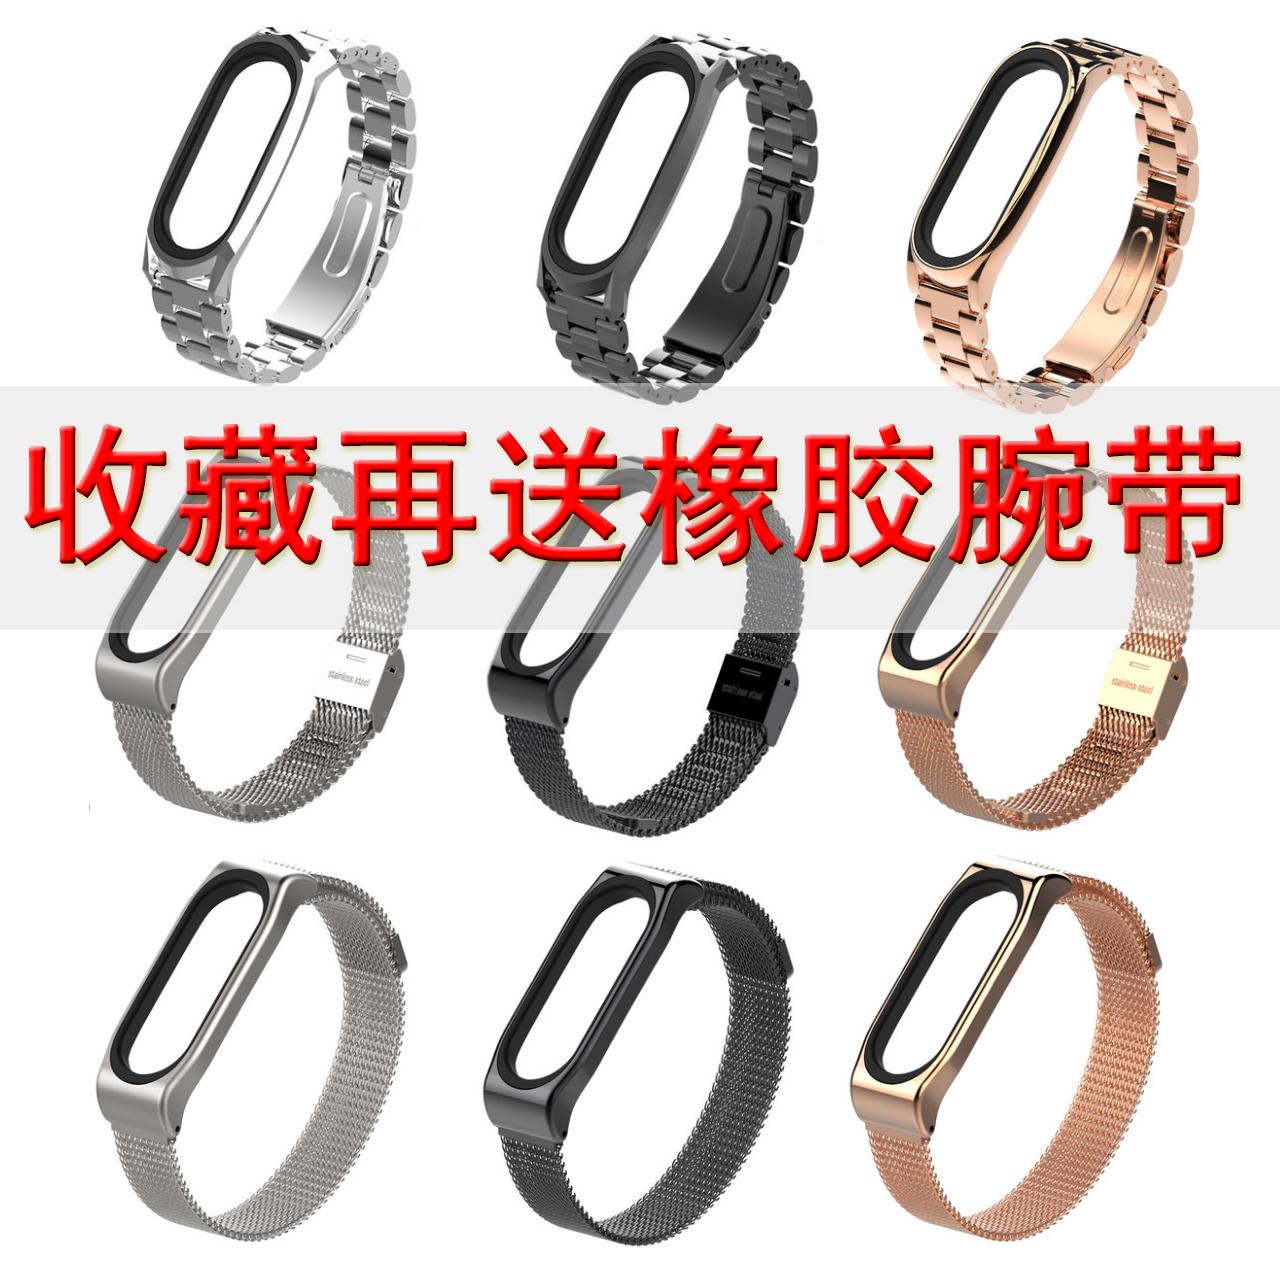 米布斯 适用于小米手环4代3代金属腕带PLUS男女通用智能手环四代替换带不锈钢NFC版不生锈精钢表带送贴膜正品